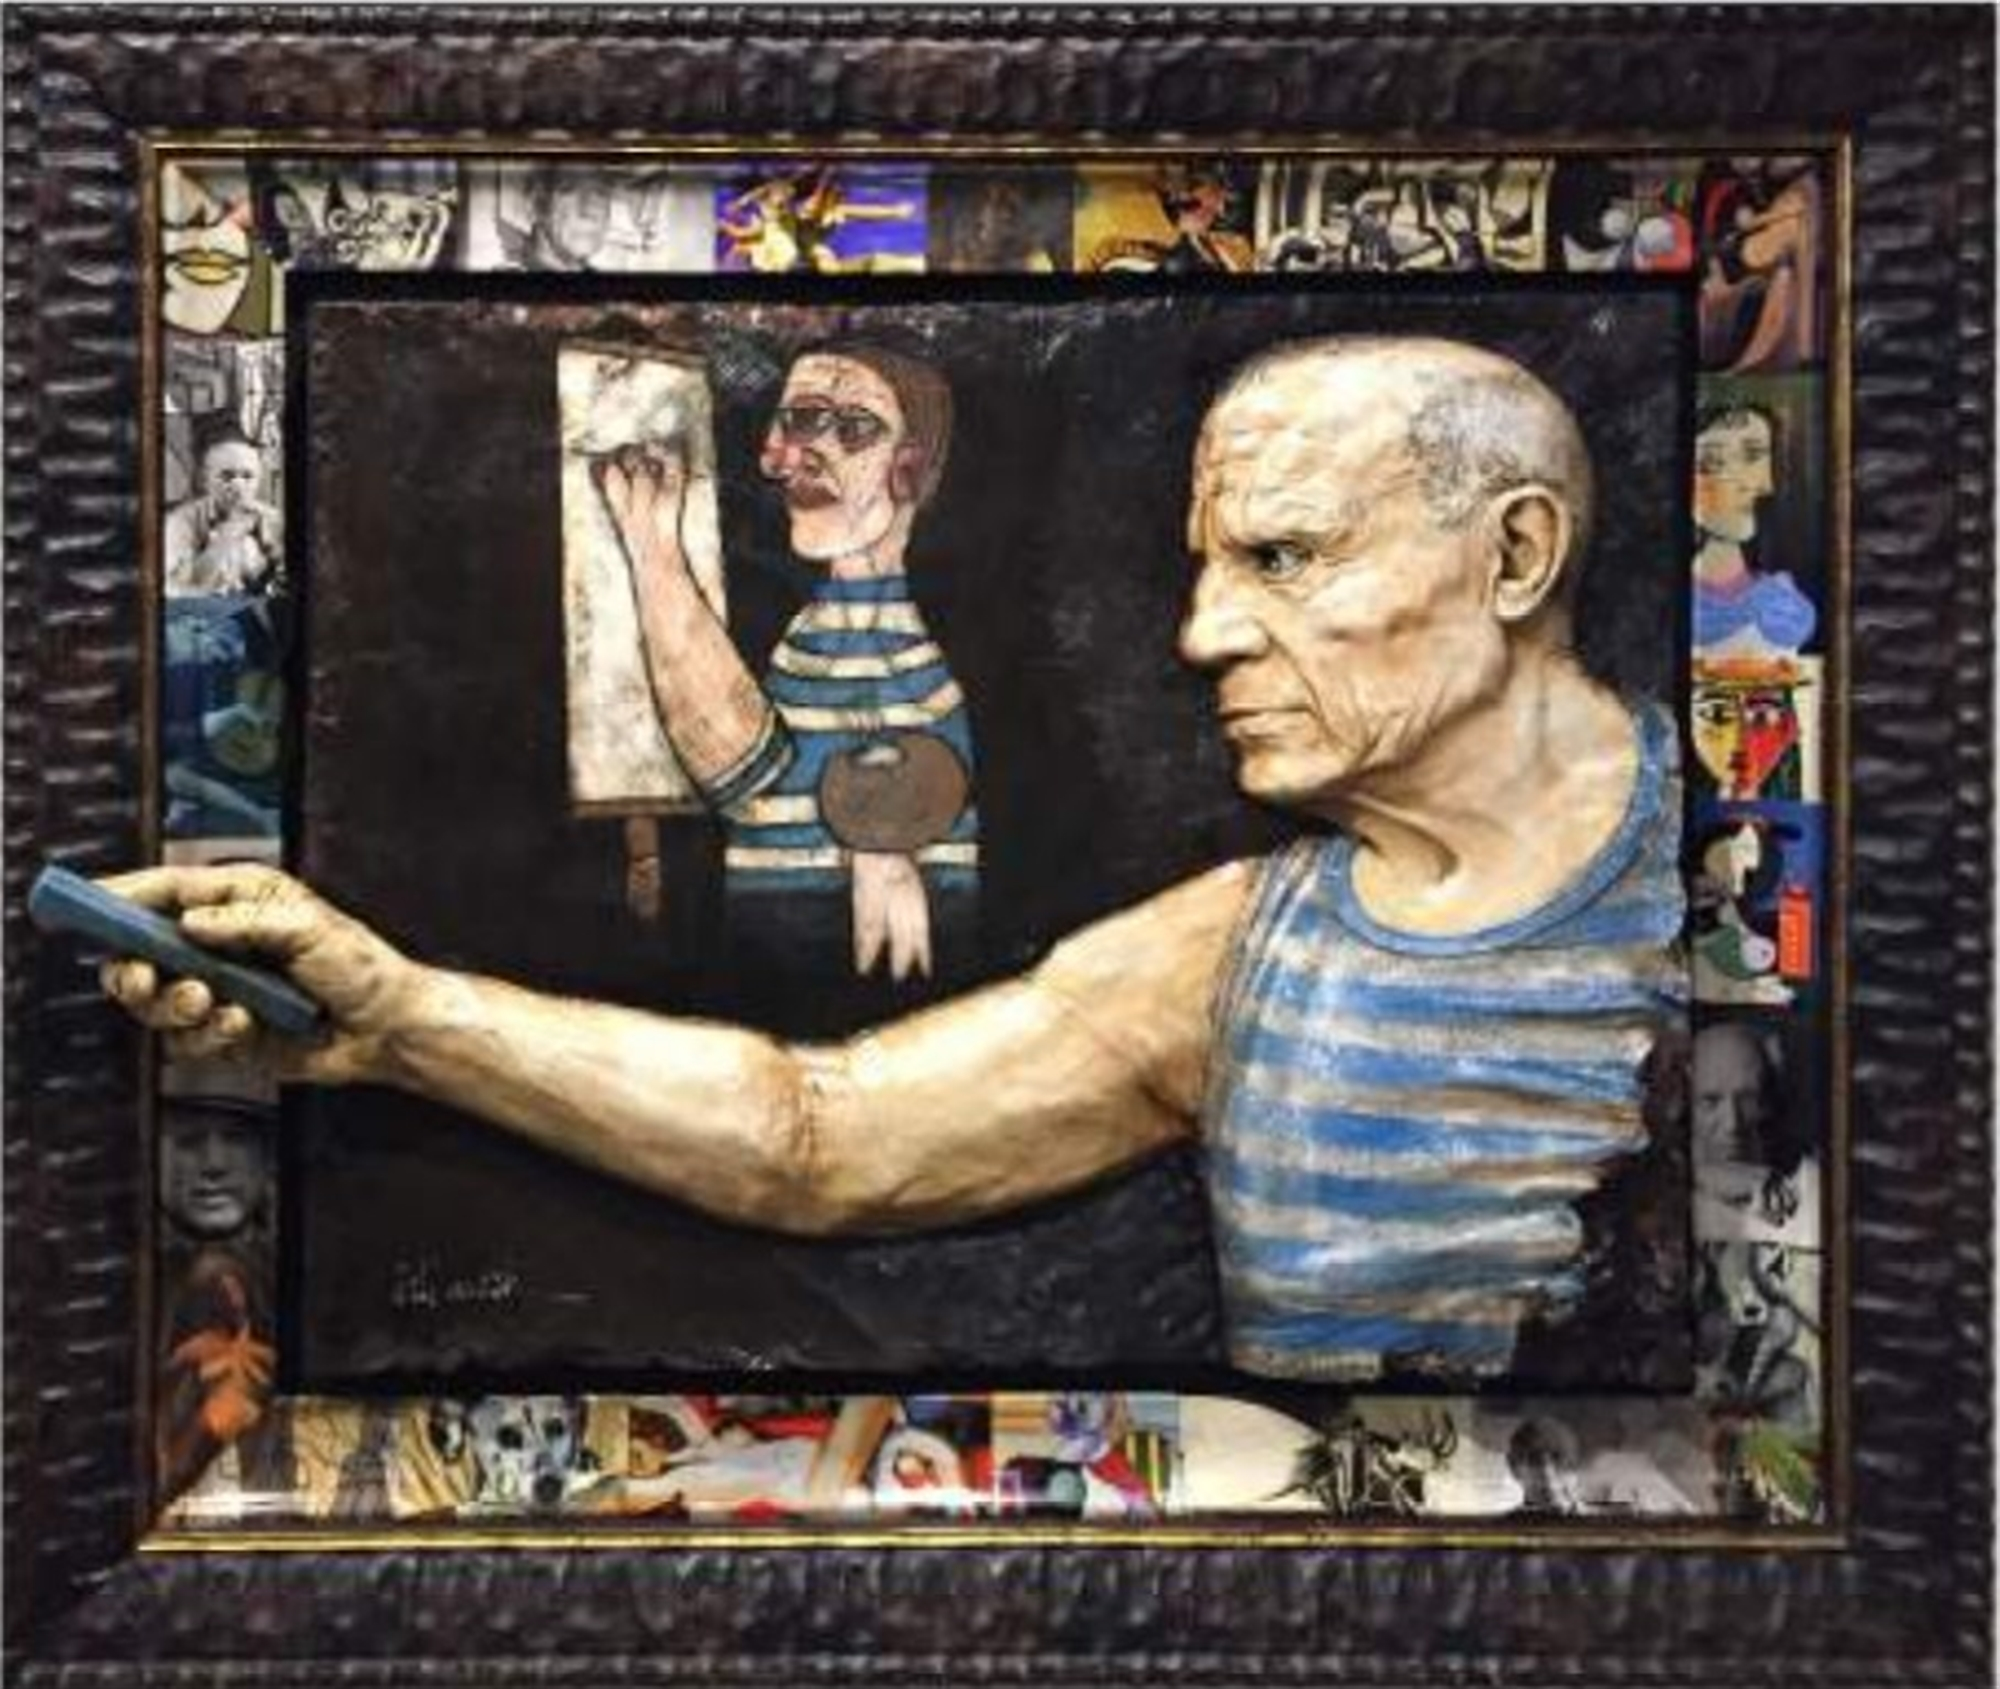 Picasso Original Relief by Bill Mack